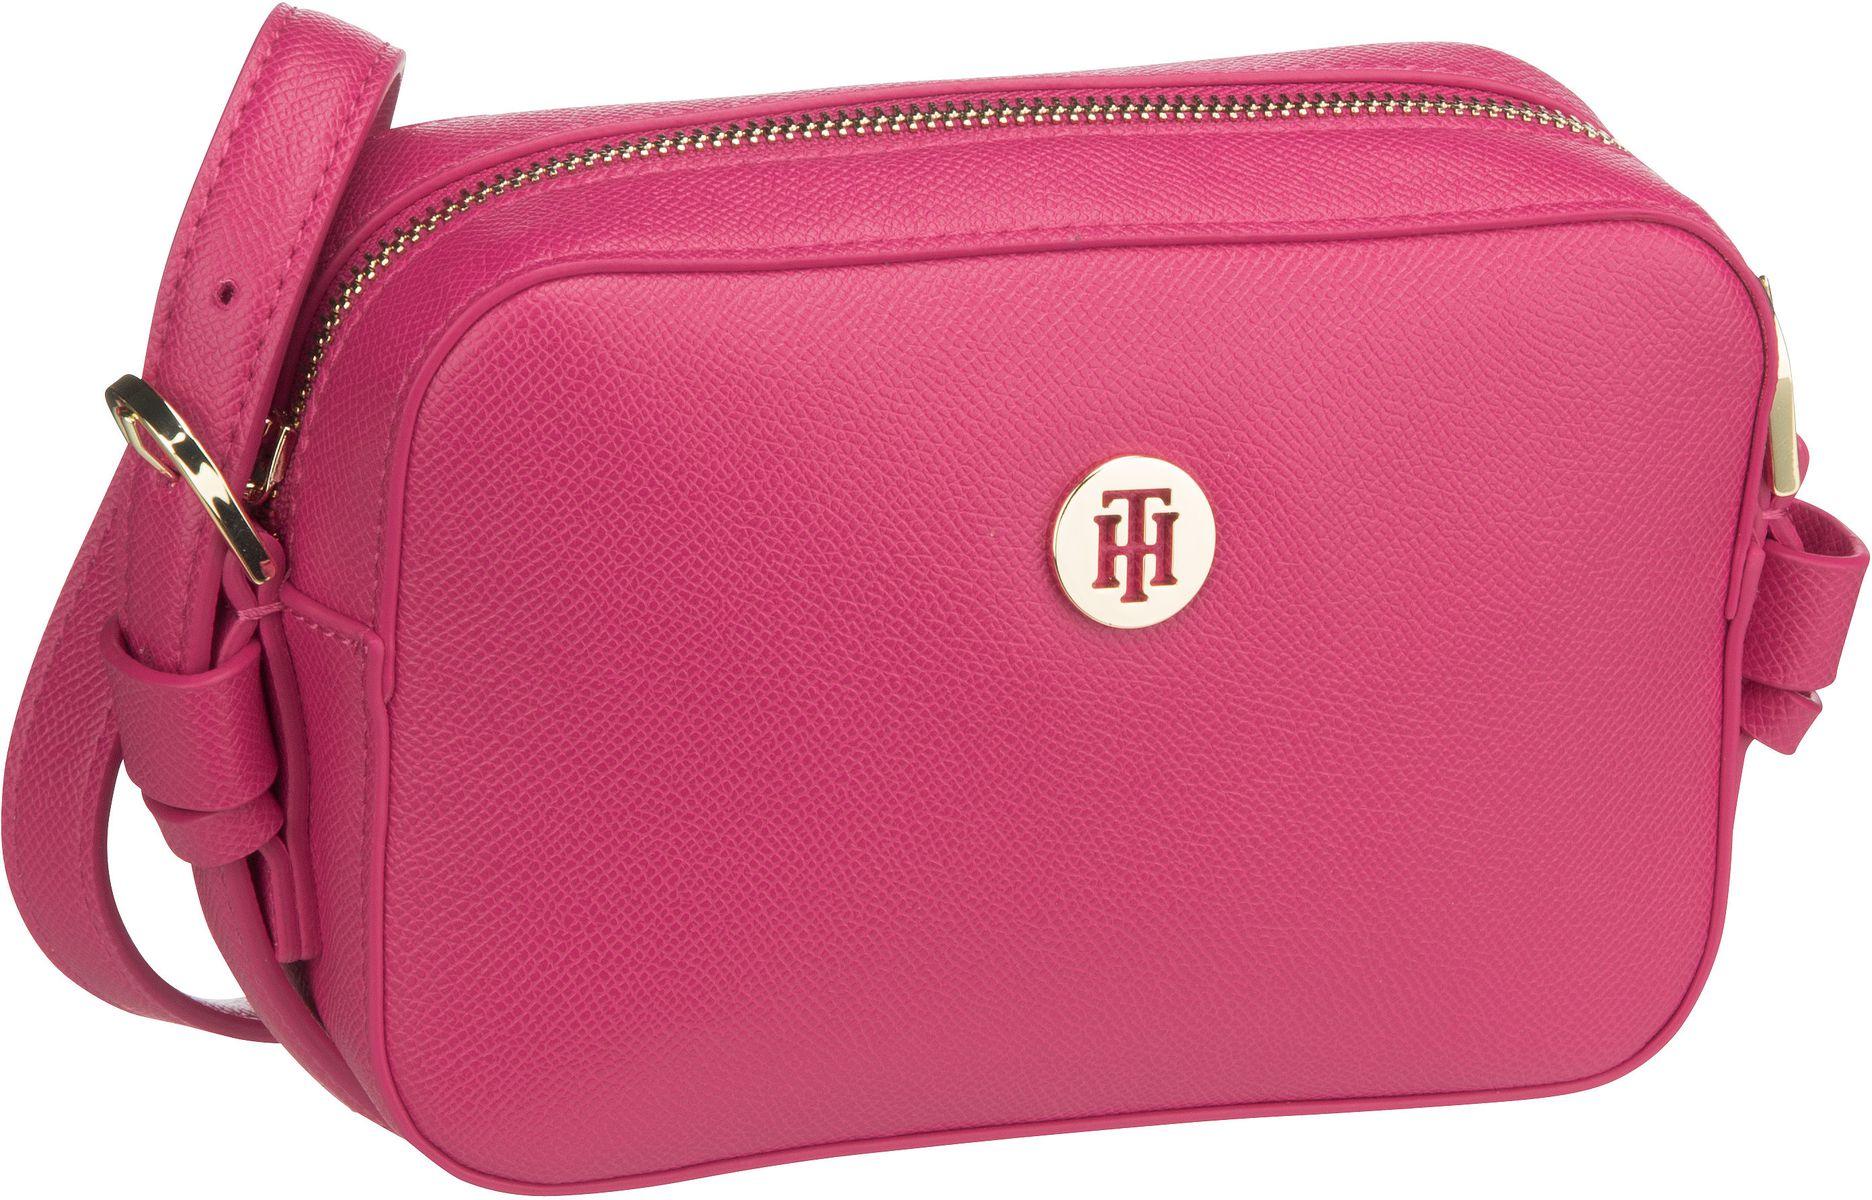 Umhängetasche Classic Saffiano Camera Bag PSP20 Bright Jewel